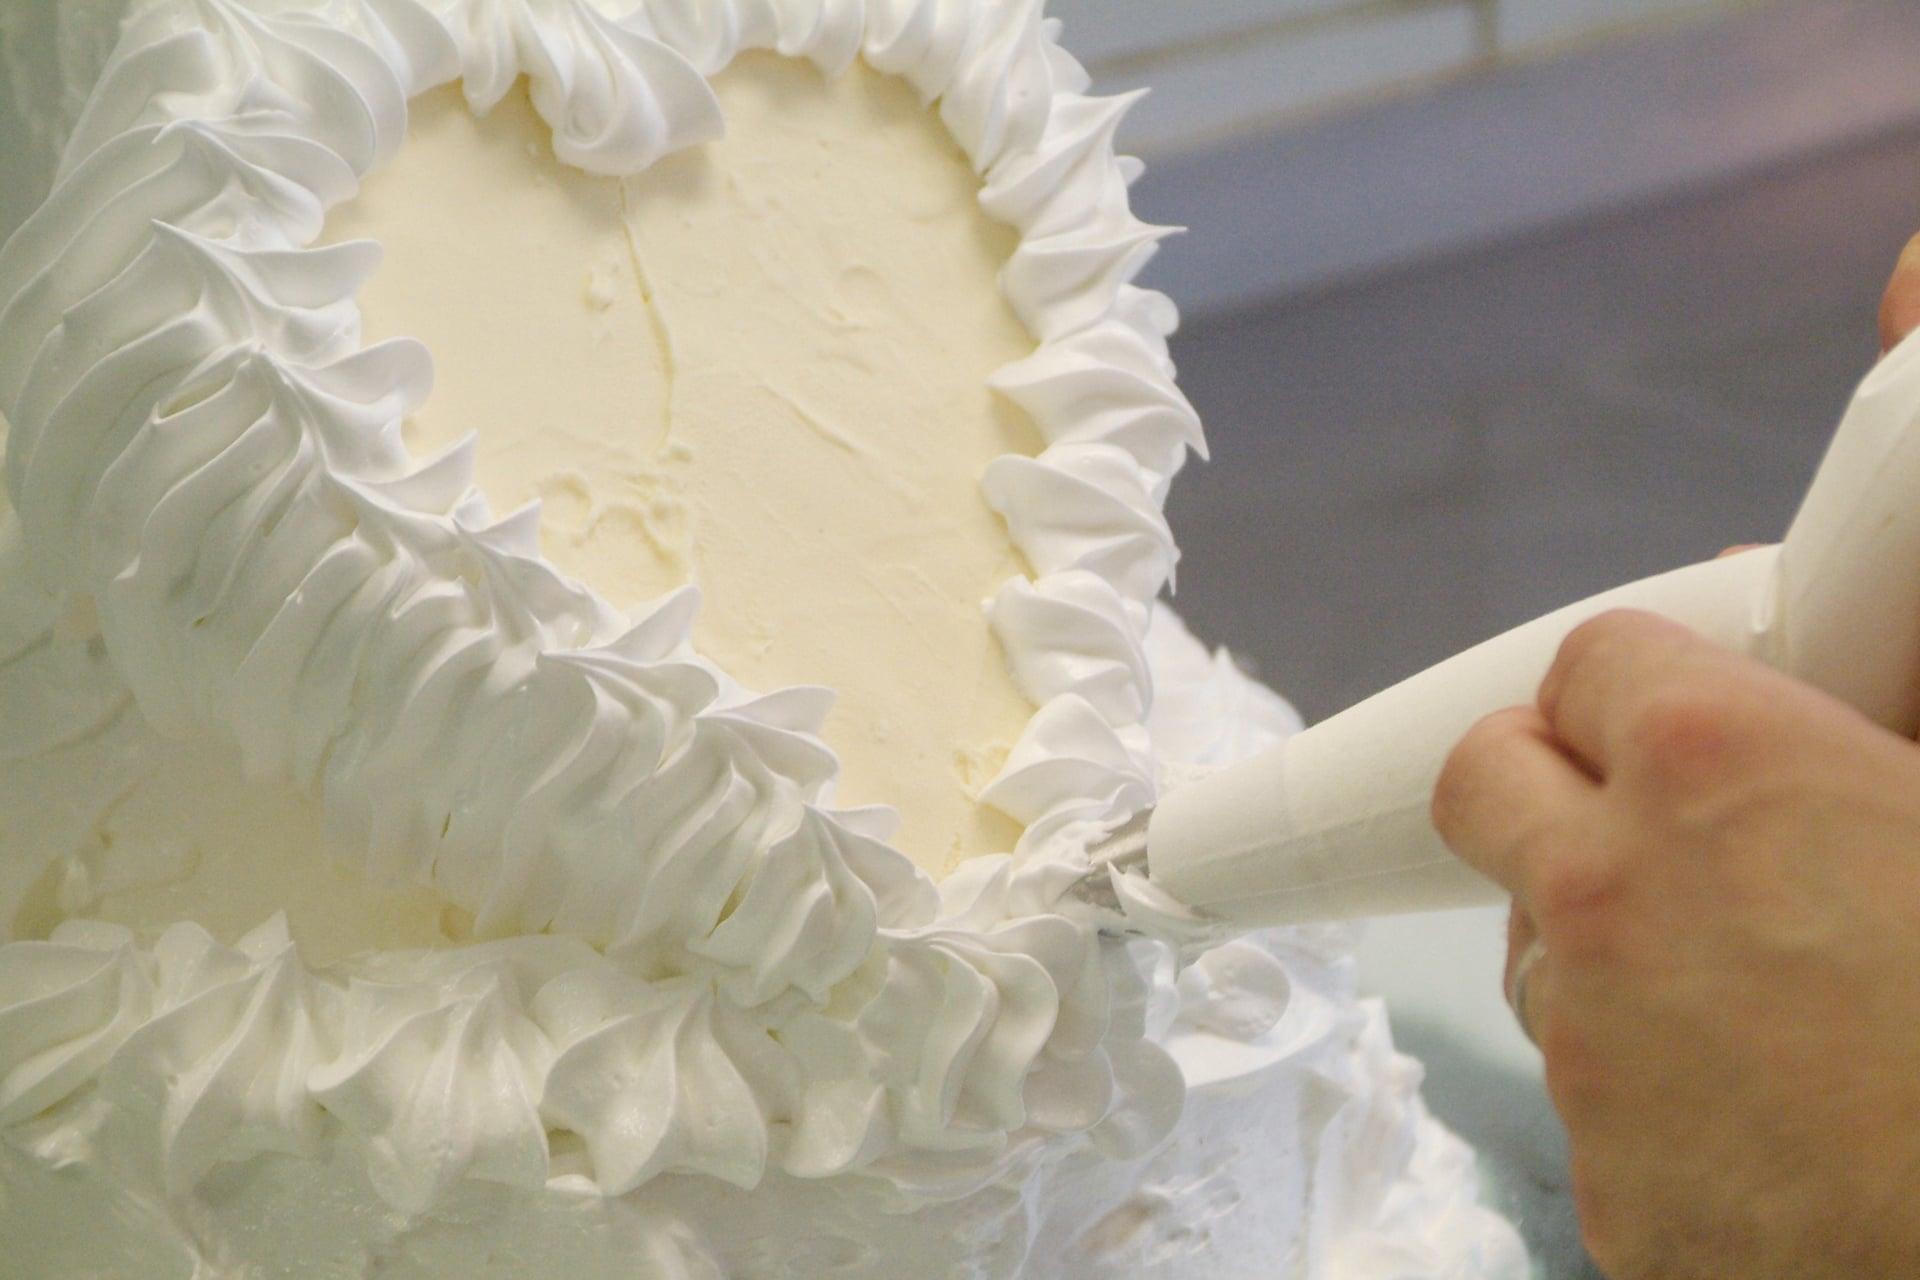 Huwelijksfeest - Hoeve Dewalleff